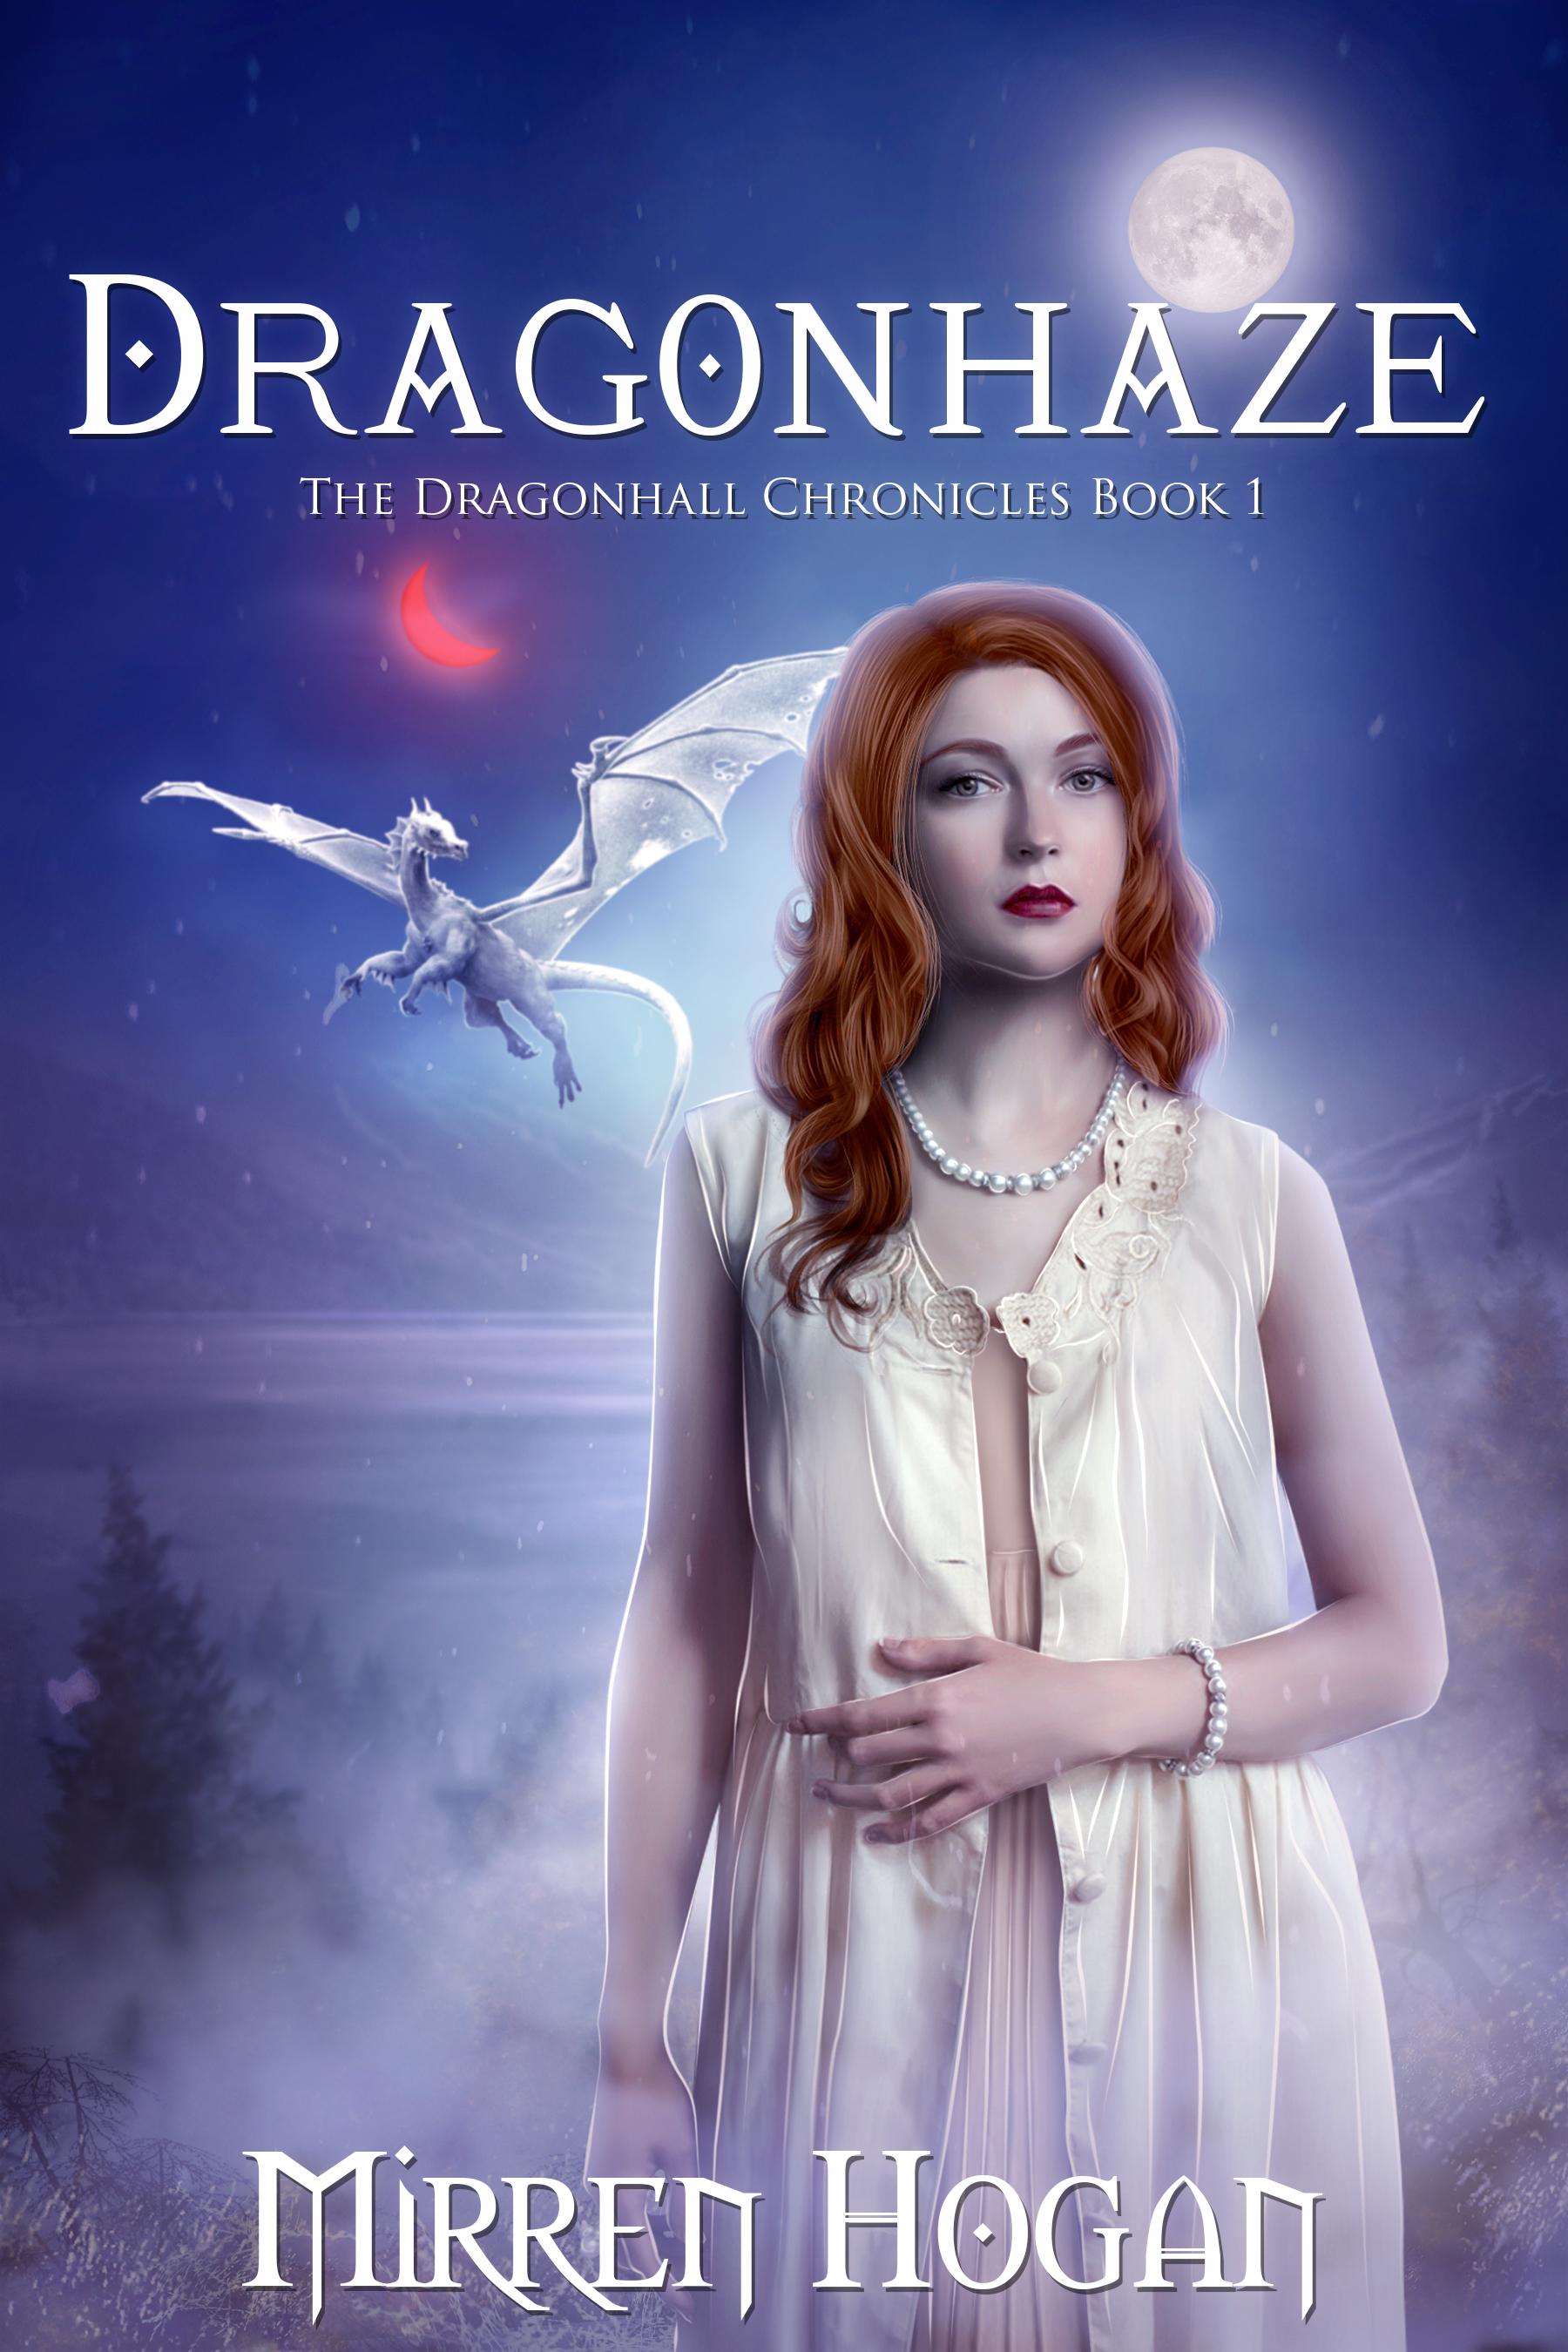 Dragonhaze